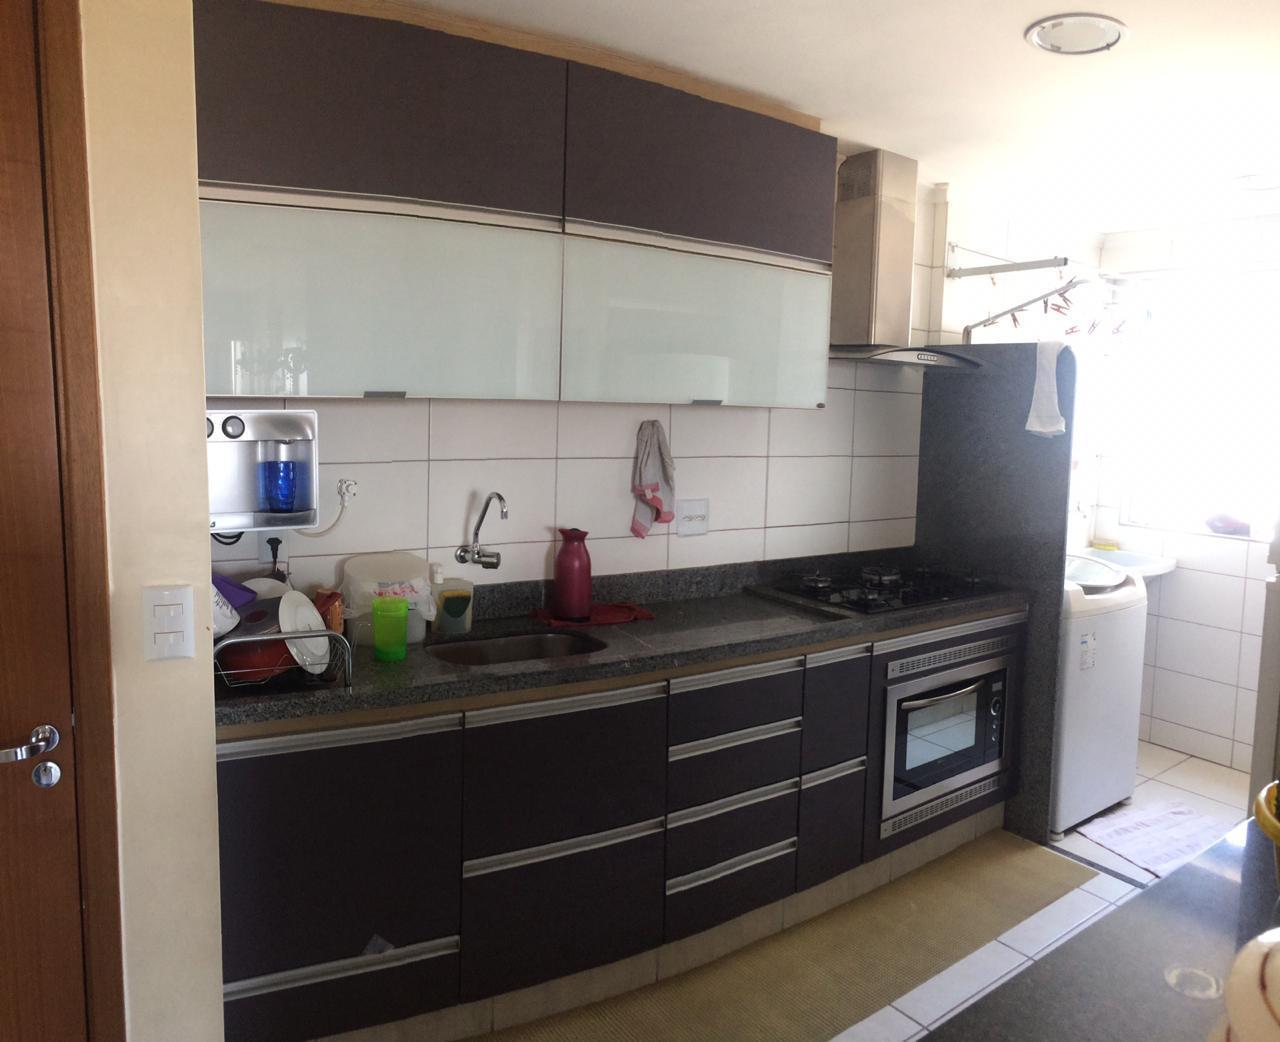 FOTO0 - Apartamento à venda Rua das Acácias,Jardim Maria Inez, Aparecida de Goiânia - R$ 235.000 - AP0019 - 1